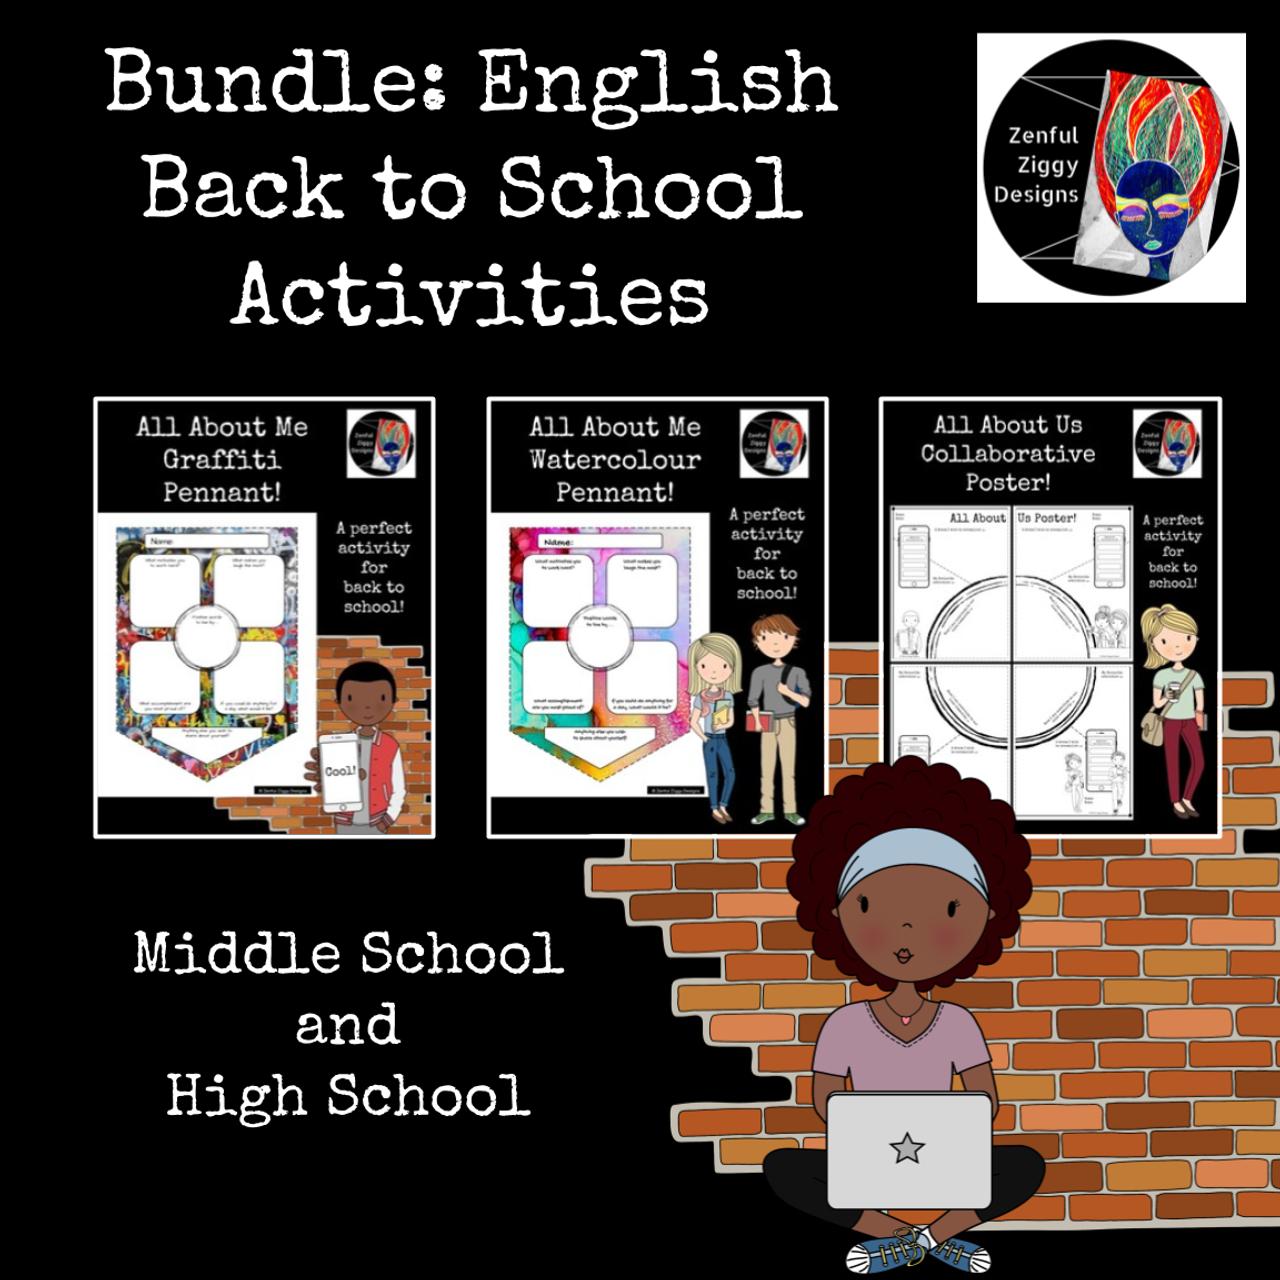 Bundle: English Back to School Activities